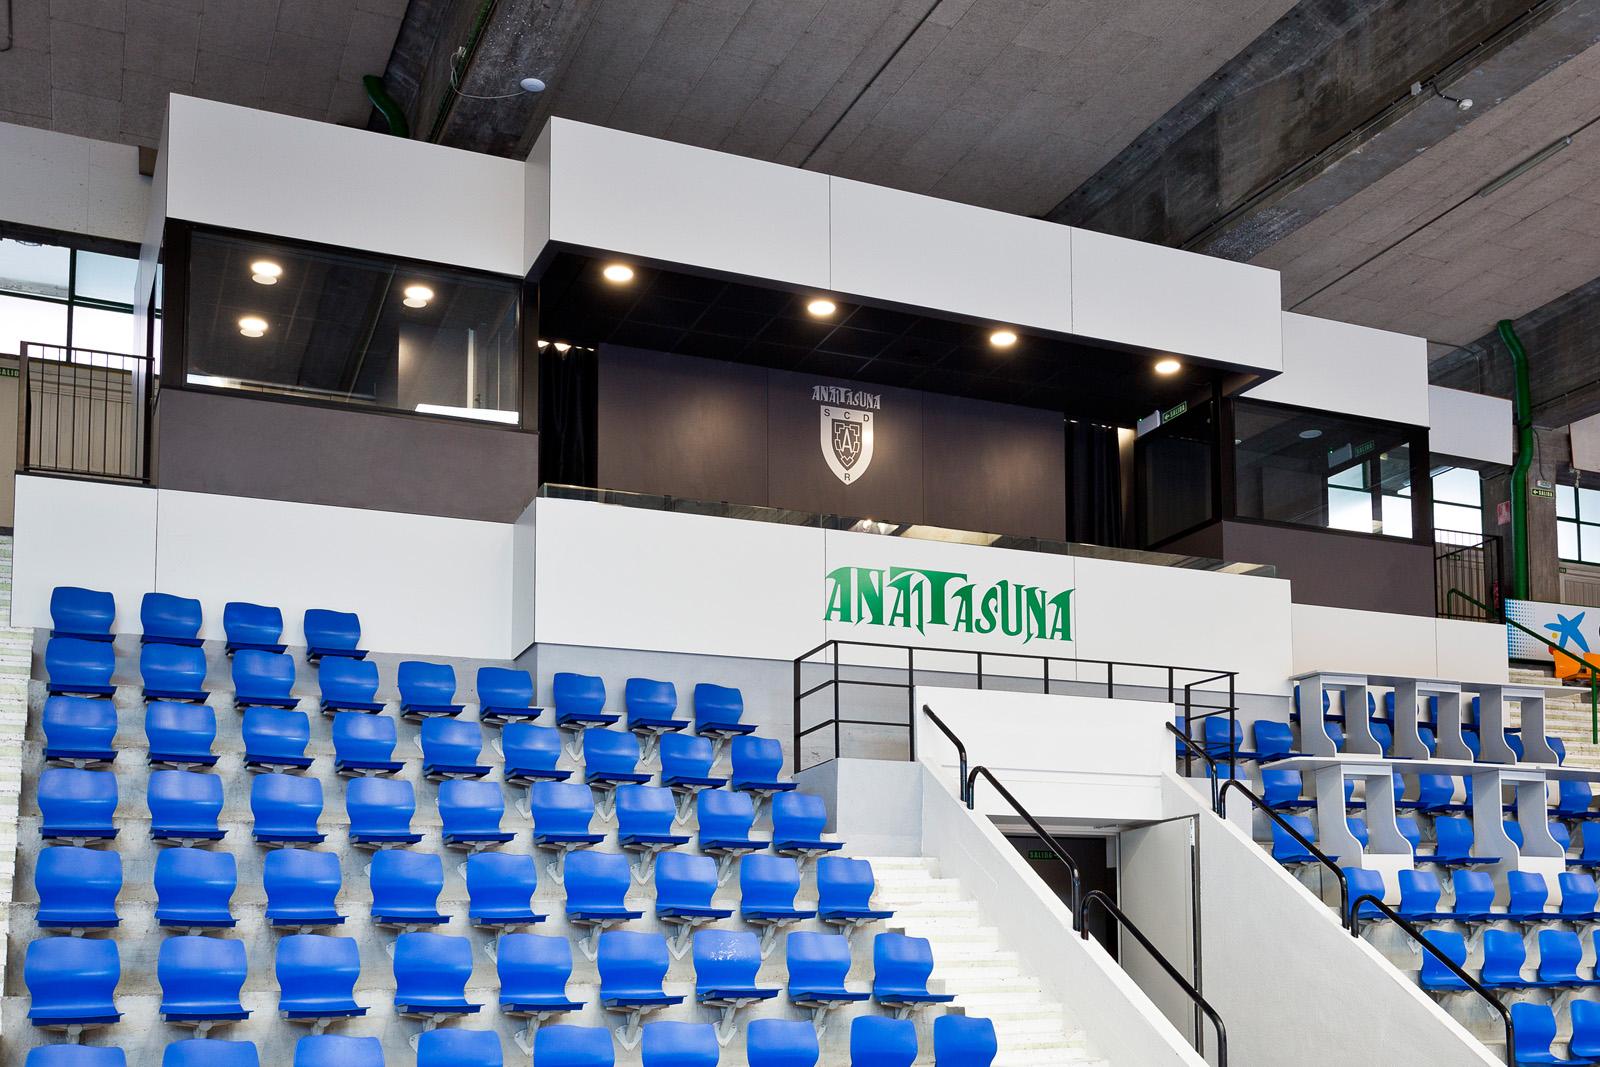 Adecuación de Palco en Pabellón Polideportivo